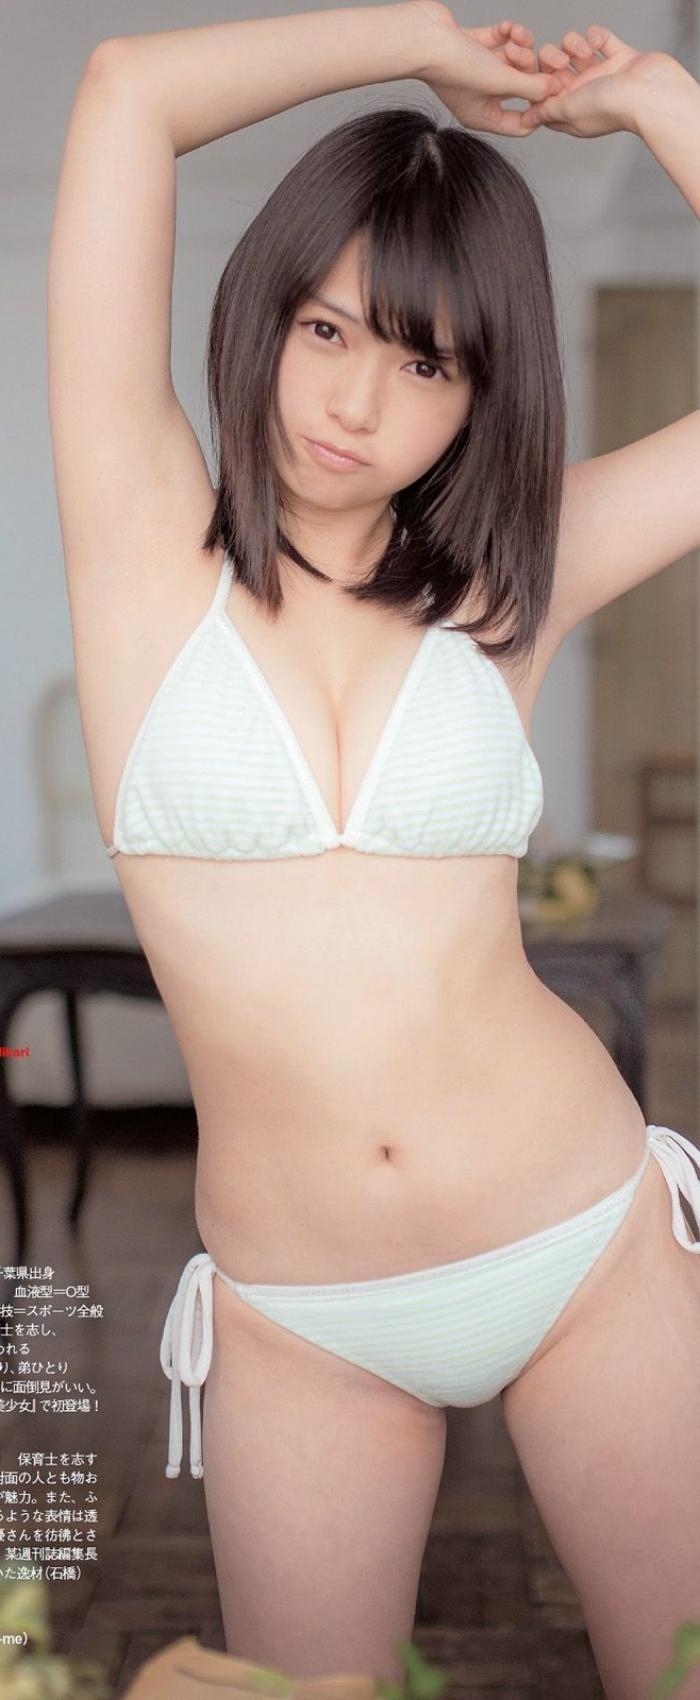 【いもシス】姫川優花 Part4 YouTube動画>20本 ->画像>478枚